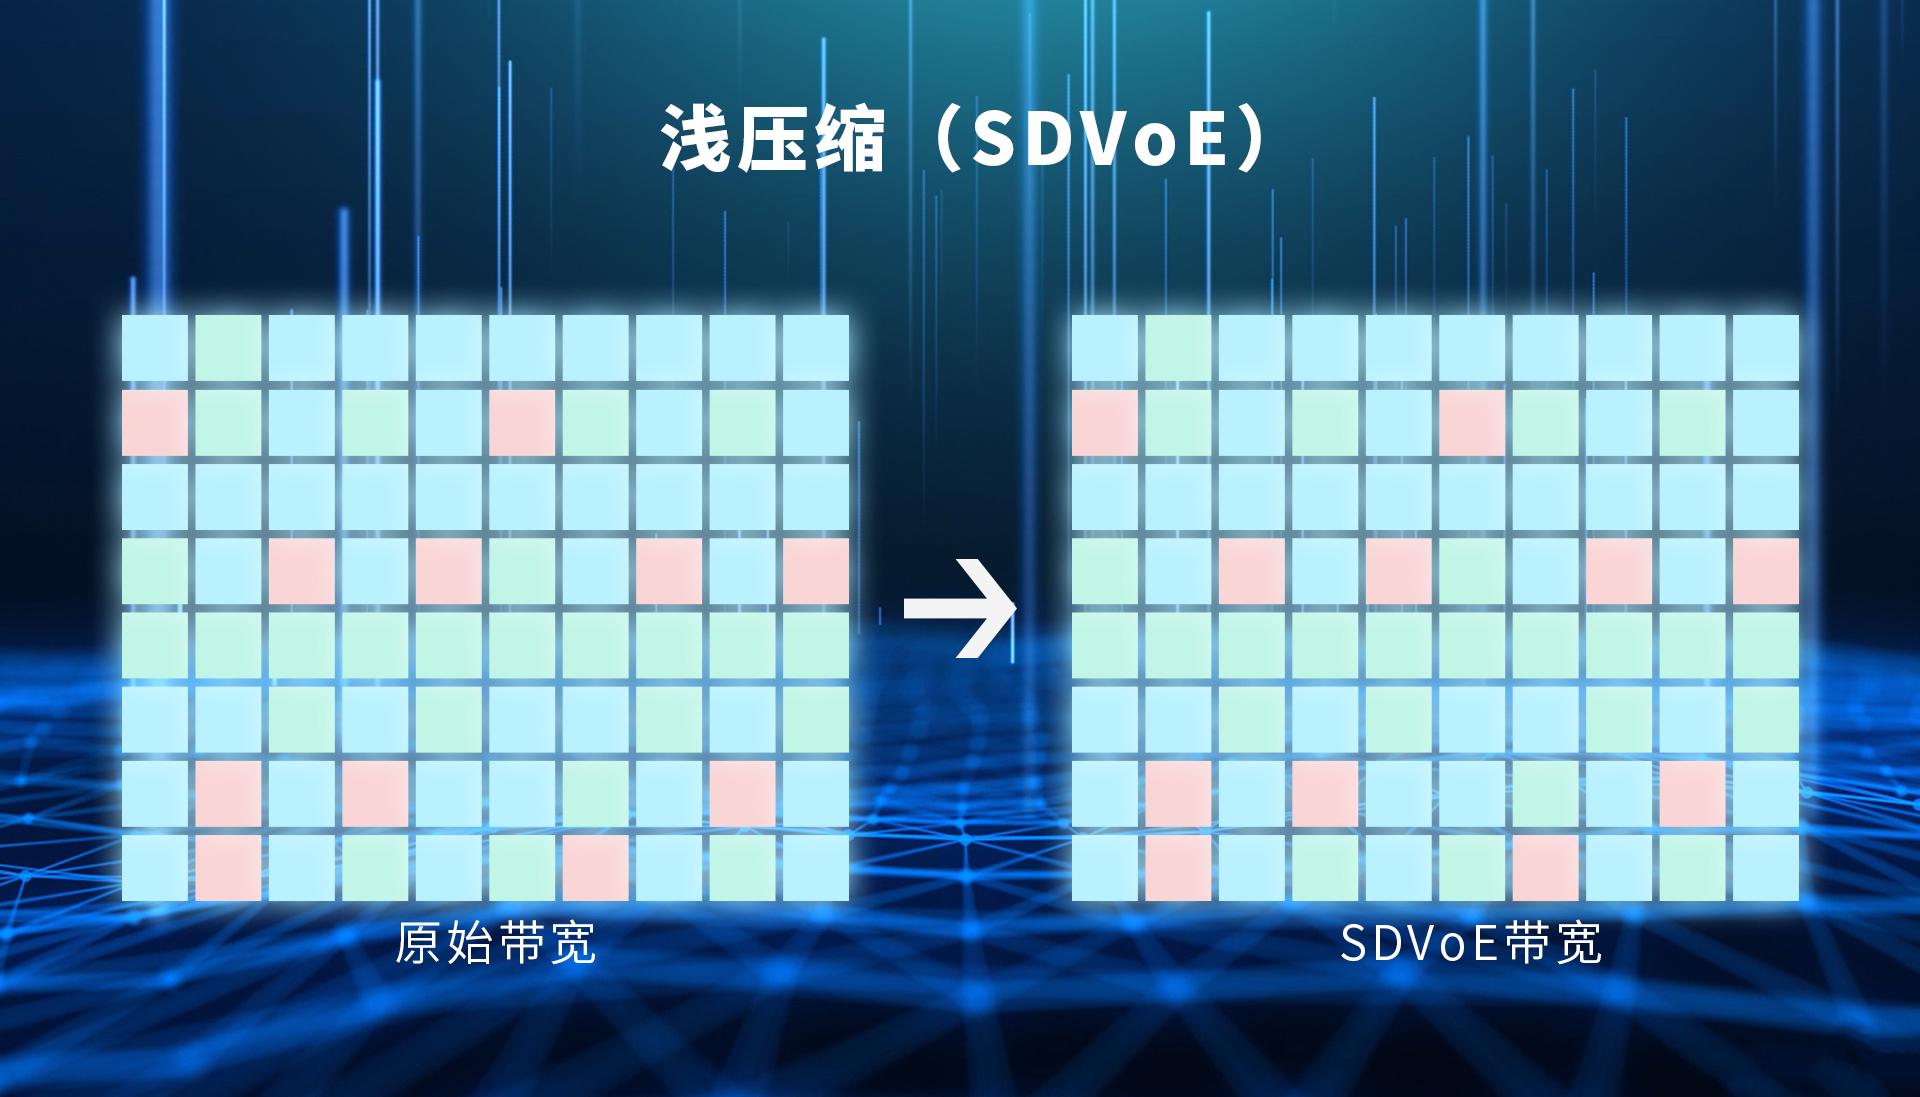 3压缩比(浅压缩SDVOE).jpg